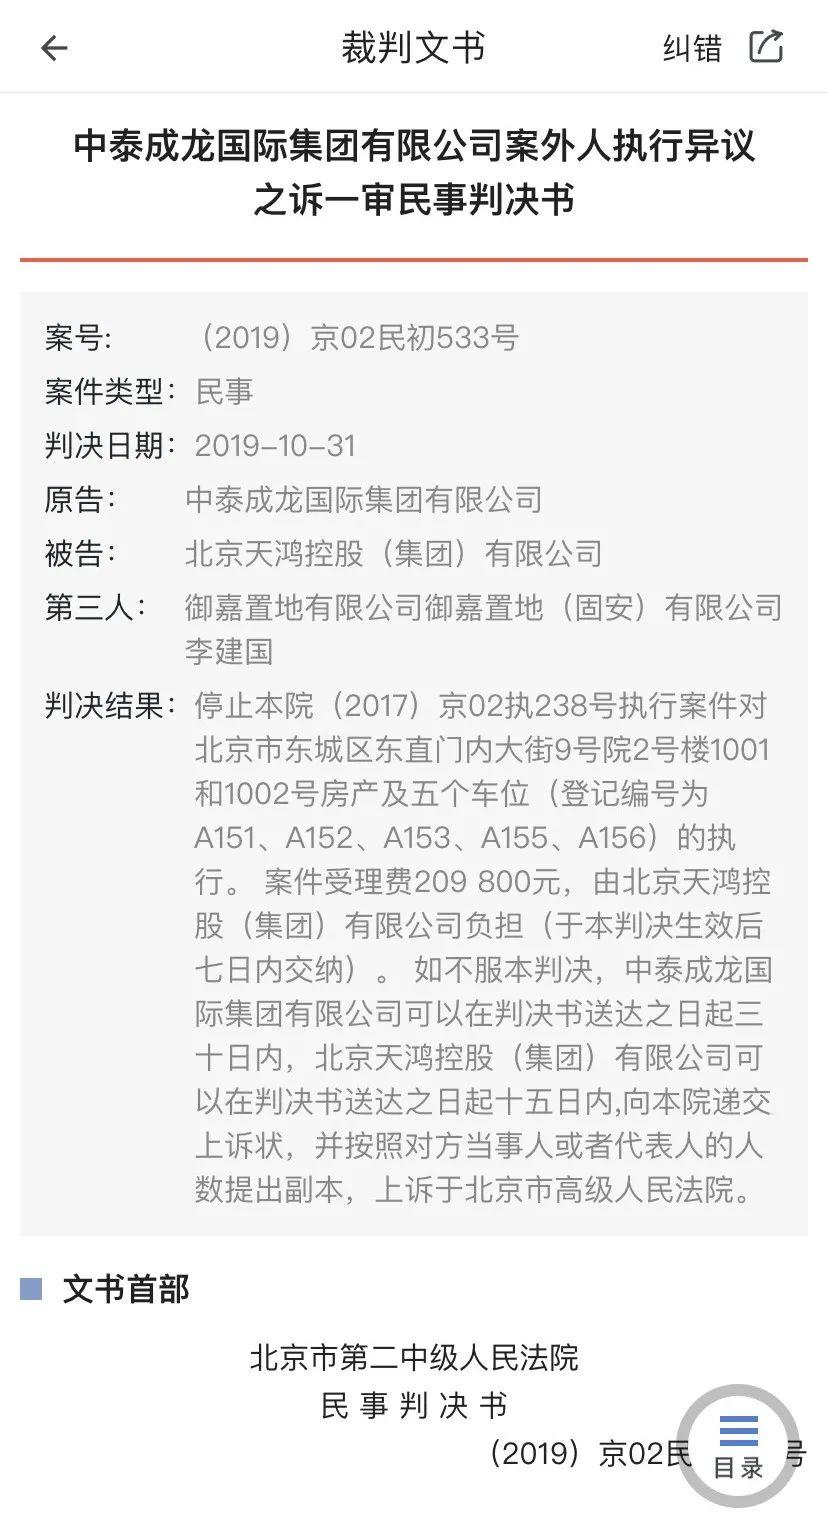 成龙北京两套豪宅将被拍卖 房祖名曾在此吸毒被抓  第5张